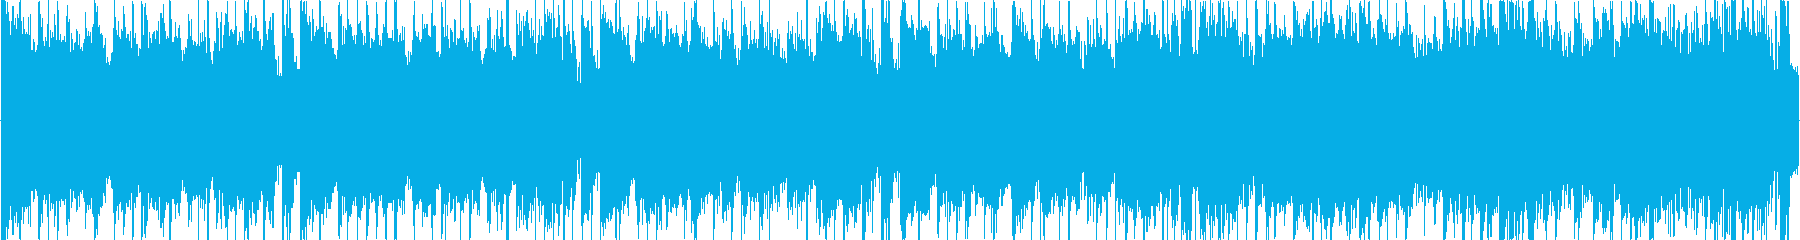 さわやか系ロックなループ曲ですの再生済みの波形